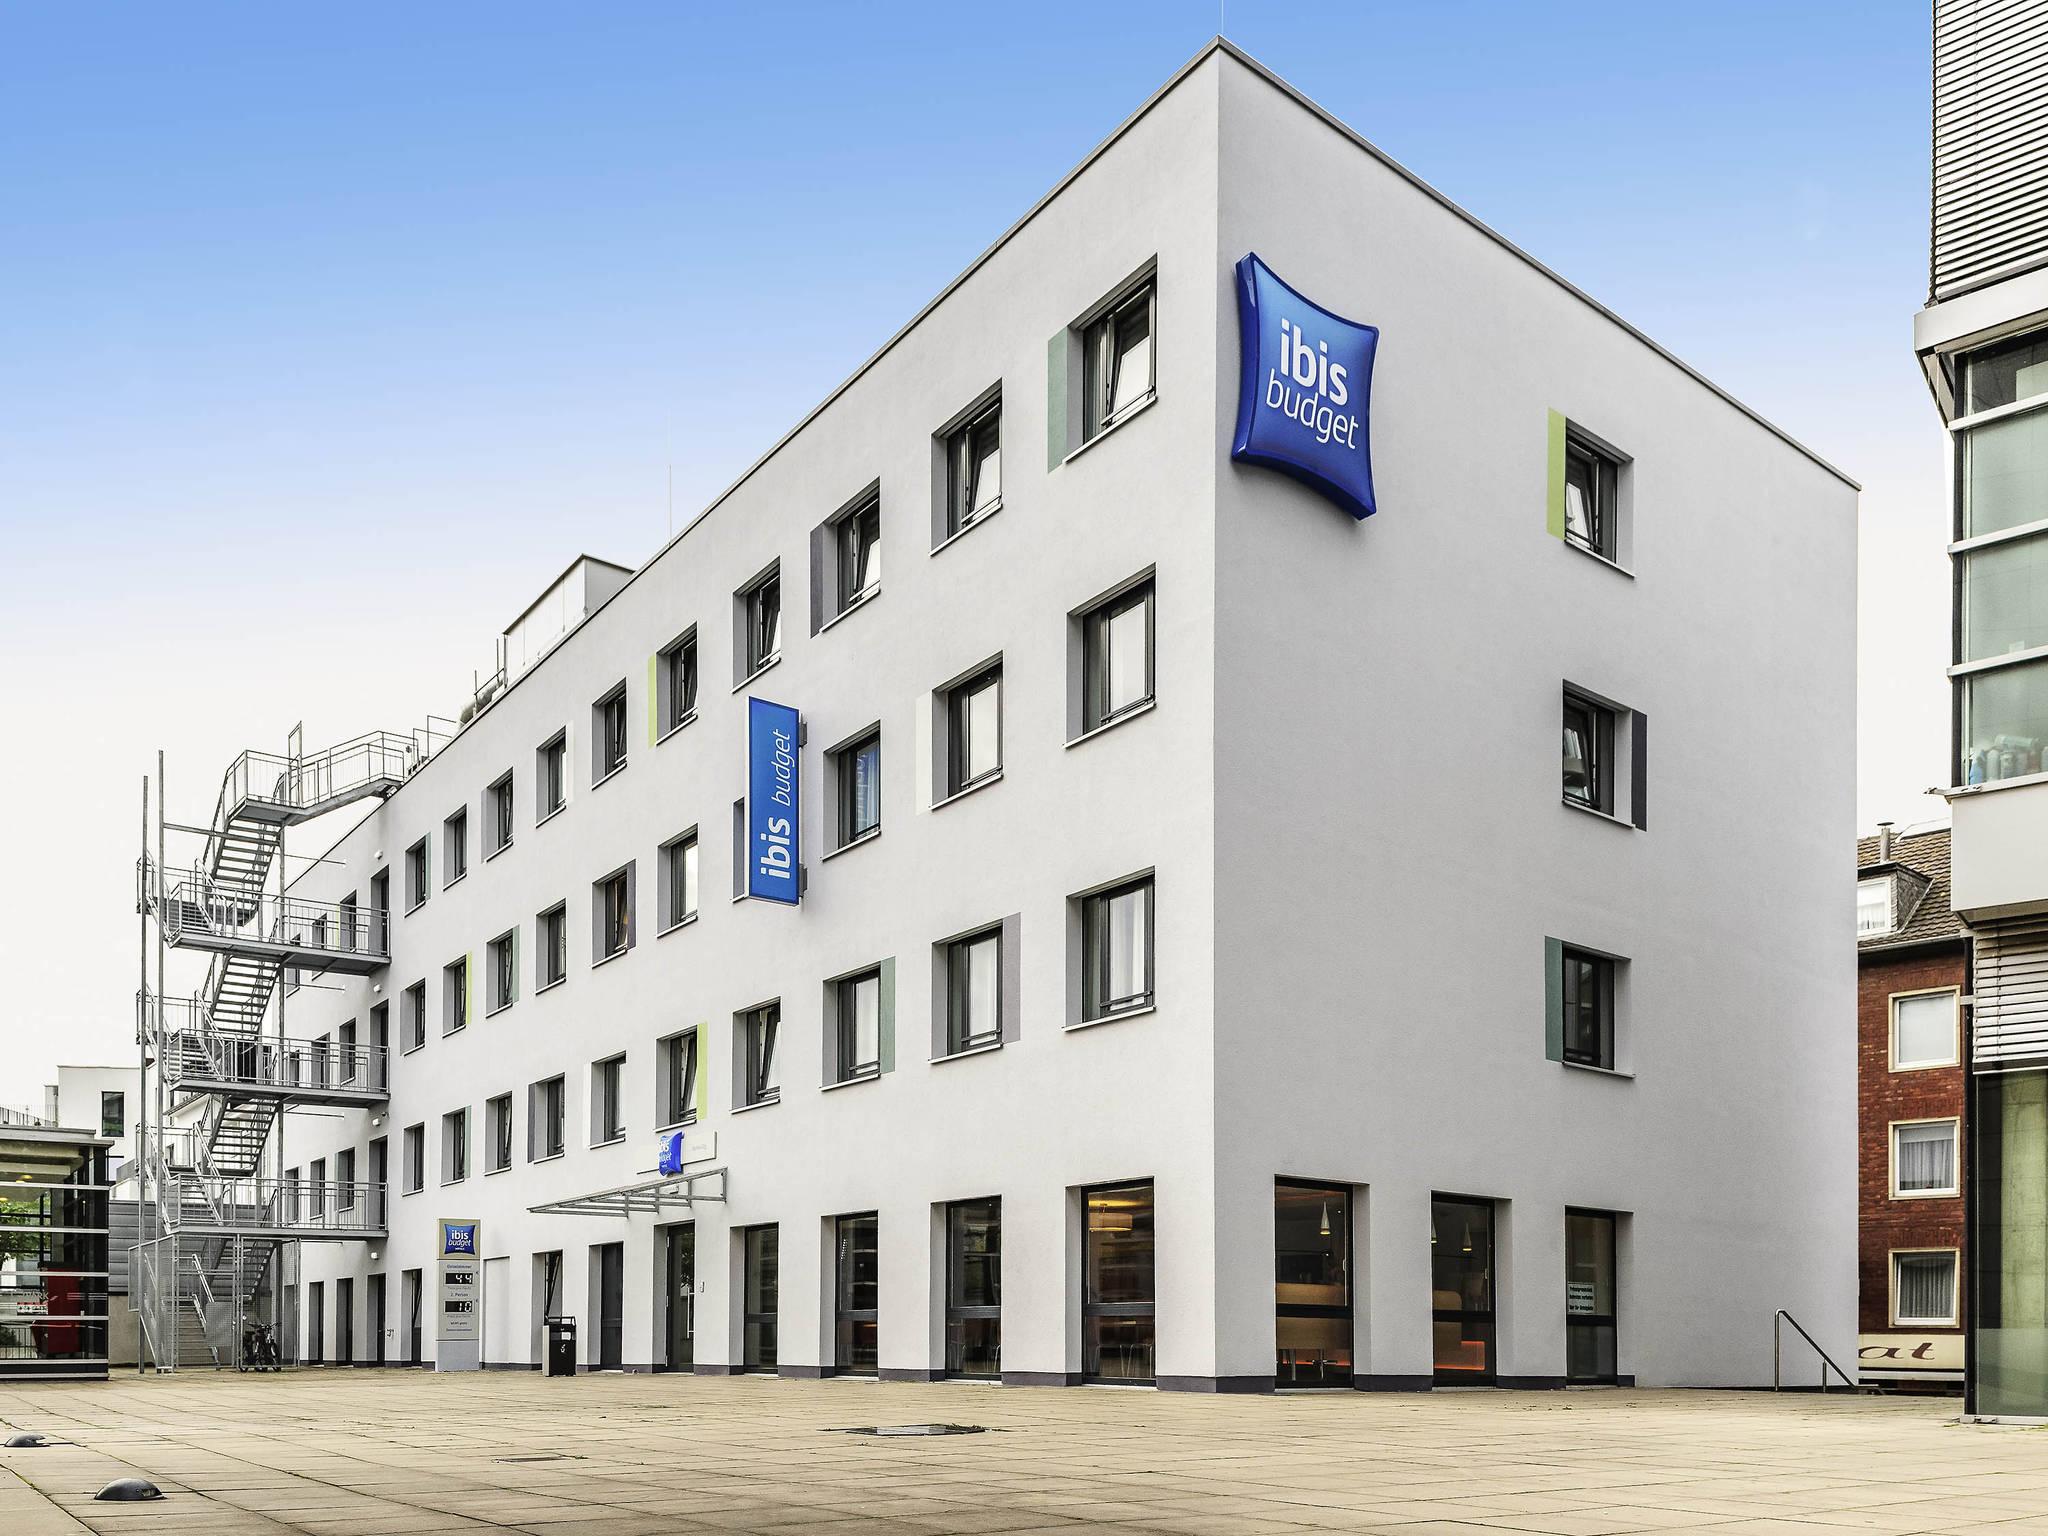 酒店 – ibis budget 亚琛城市酒店